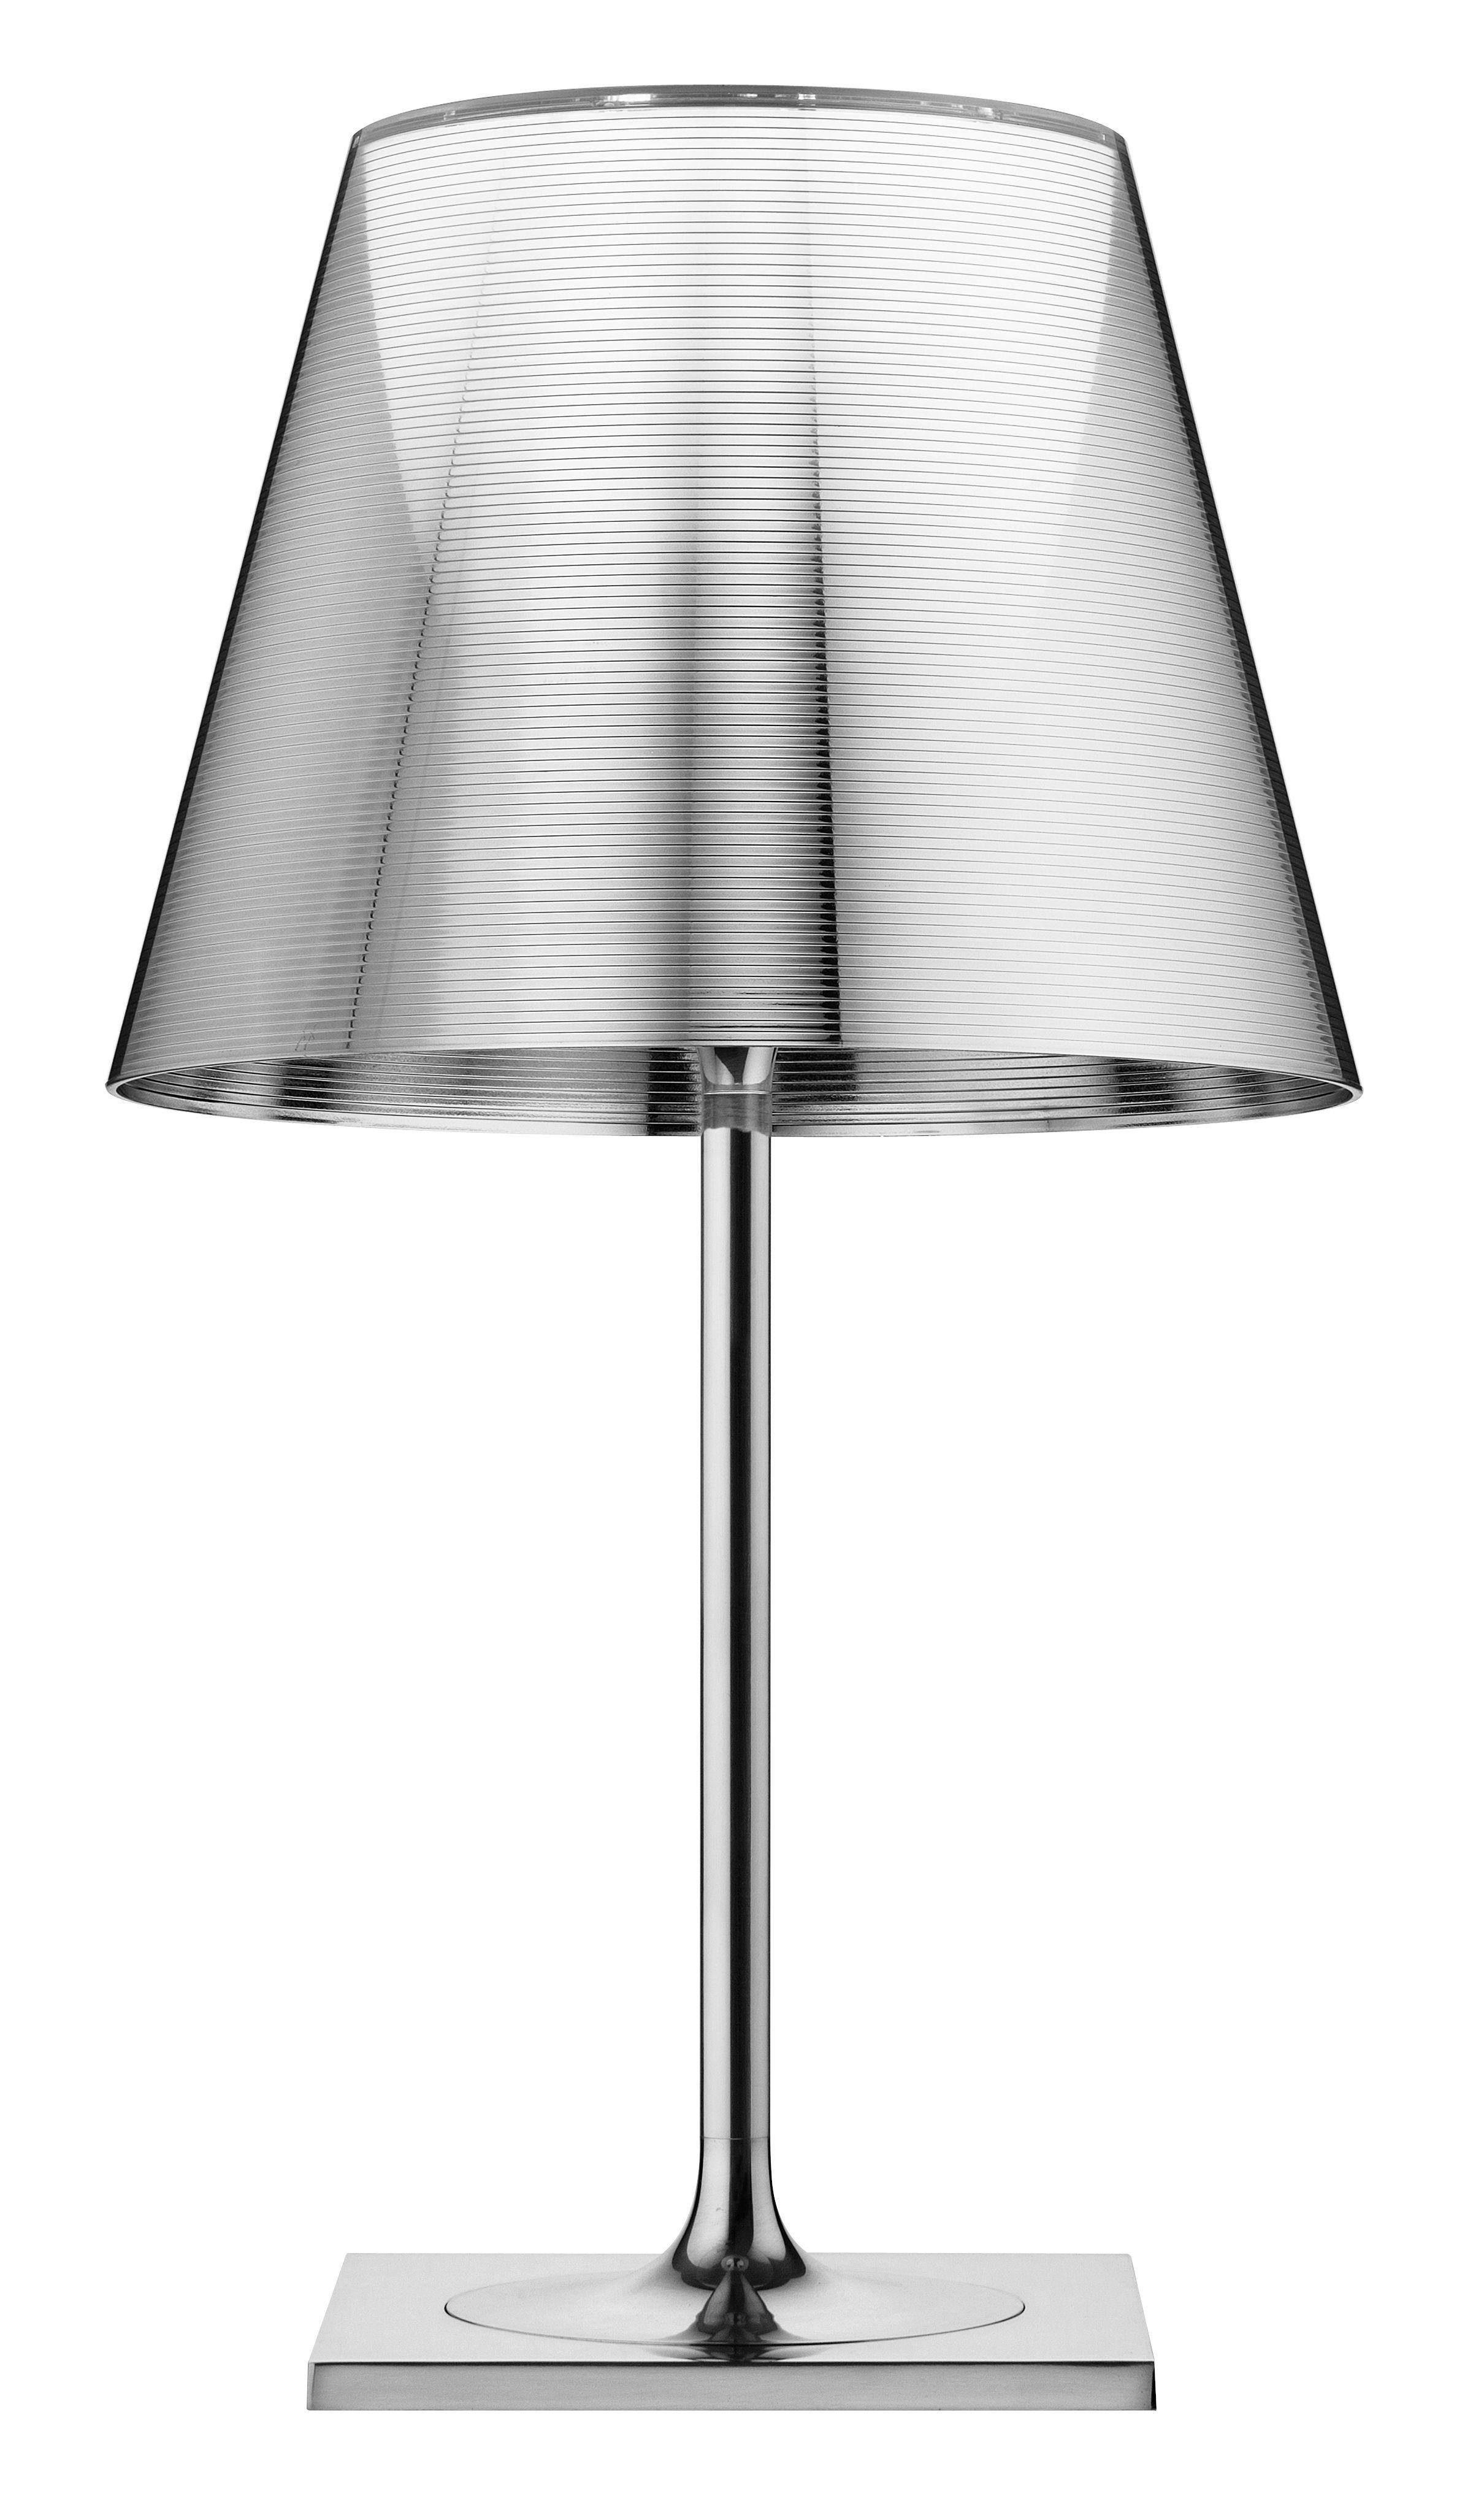 Illuminazione - Lampade da tavolo - Lampada da tavolo K Tribe T2 di Flos - Argento metallizzato - Alluminio lucido, PMMA